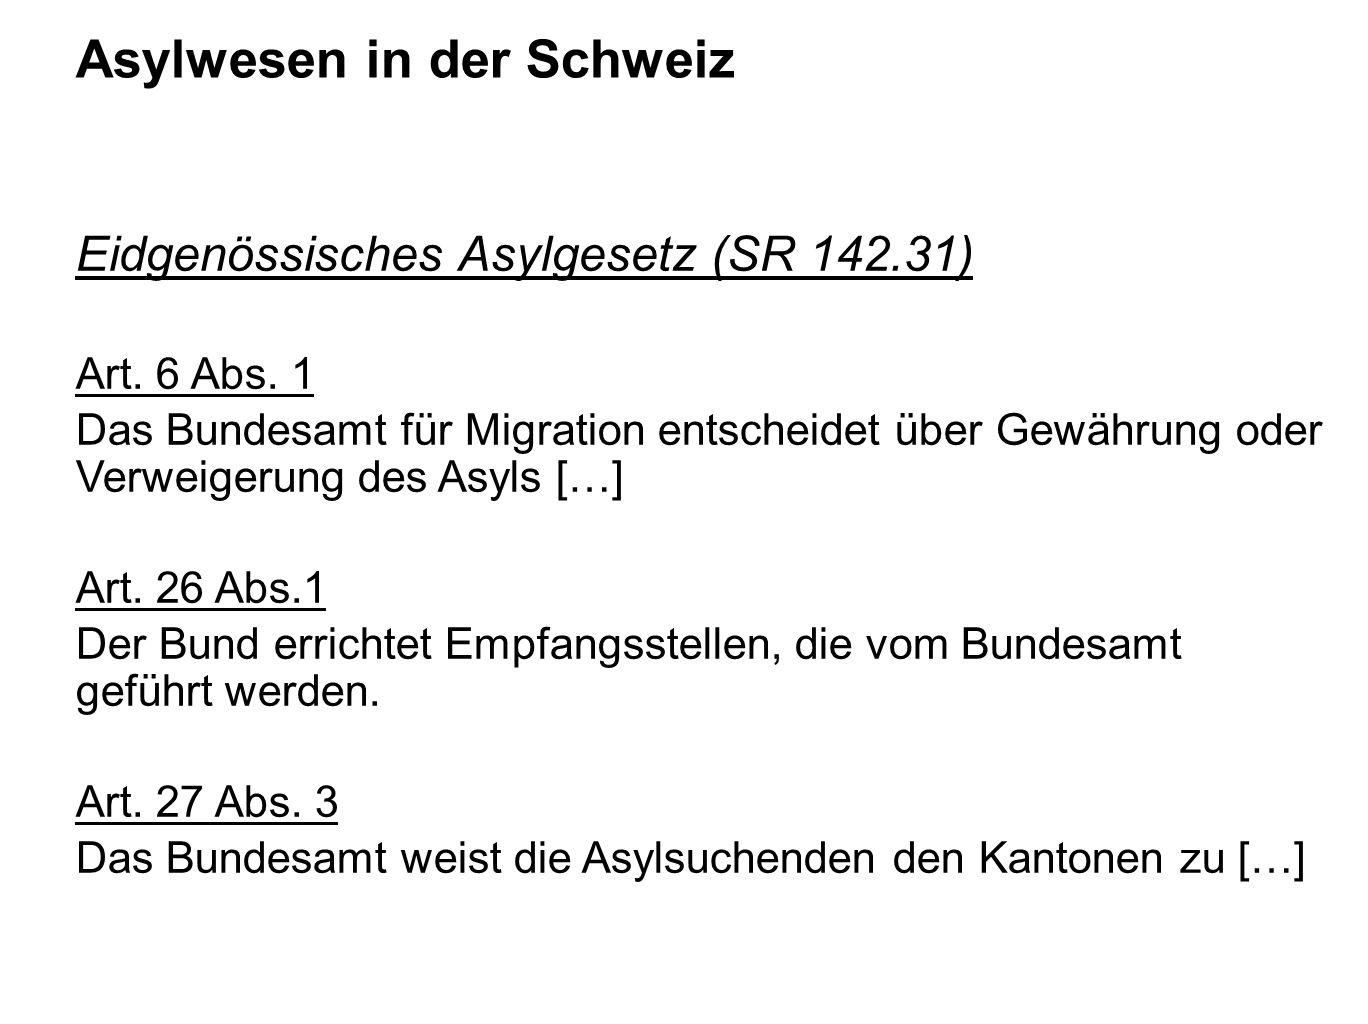 Asylwesen in der Schweiz Eidgenössisches Asylgesetz (SR 142.31) Art. 6 Abs. 1 Das Bundesamt für Migration entscheidet über Gewährung oder Verweigerung